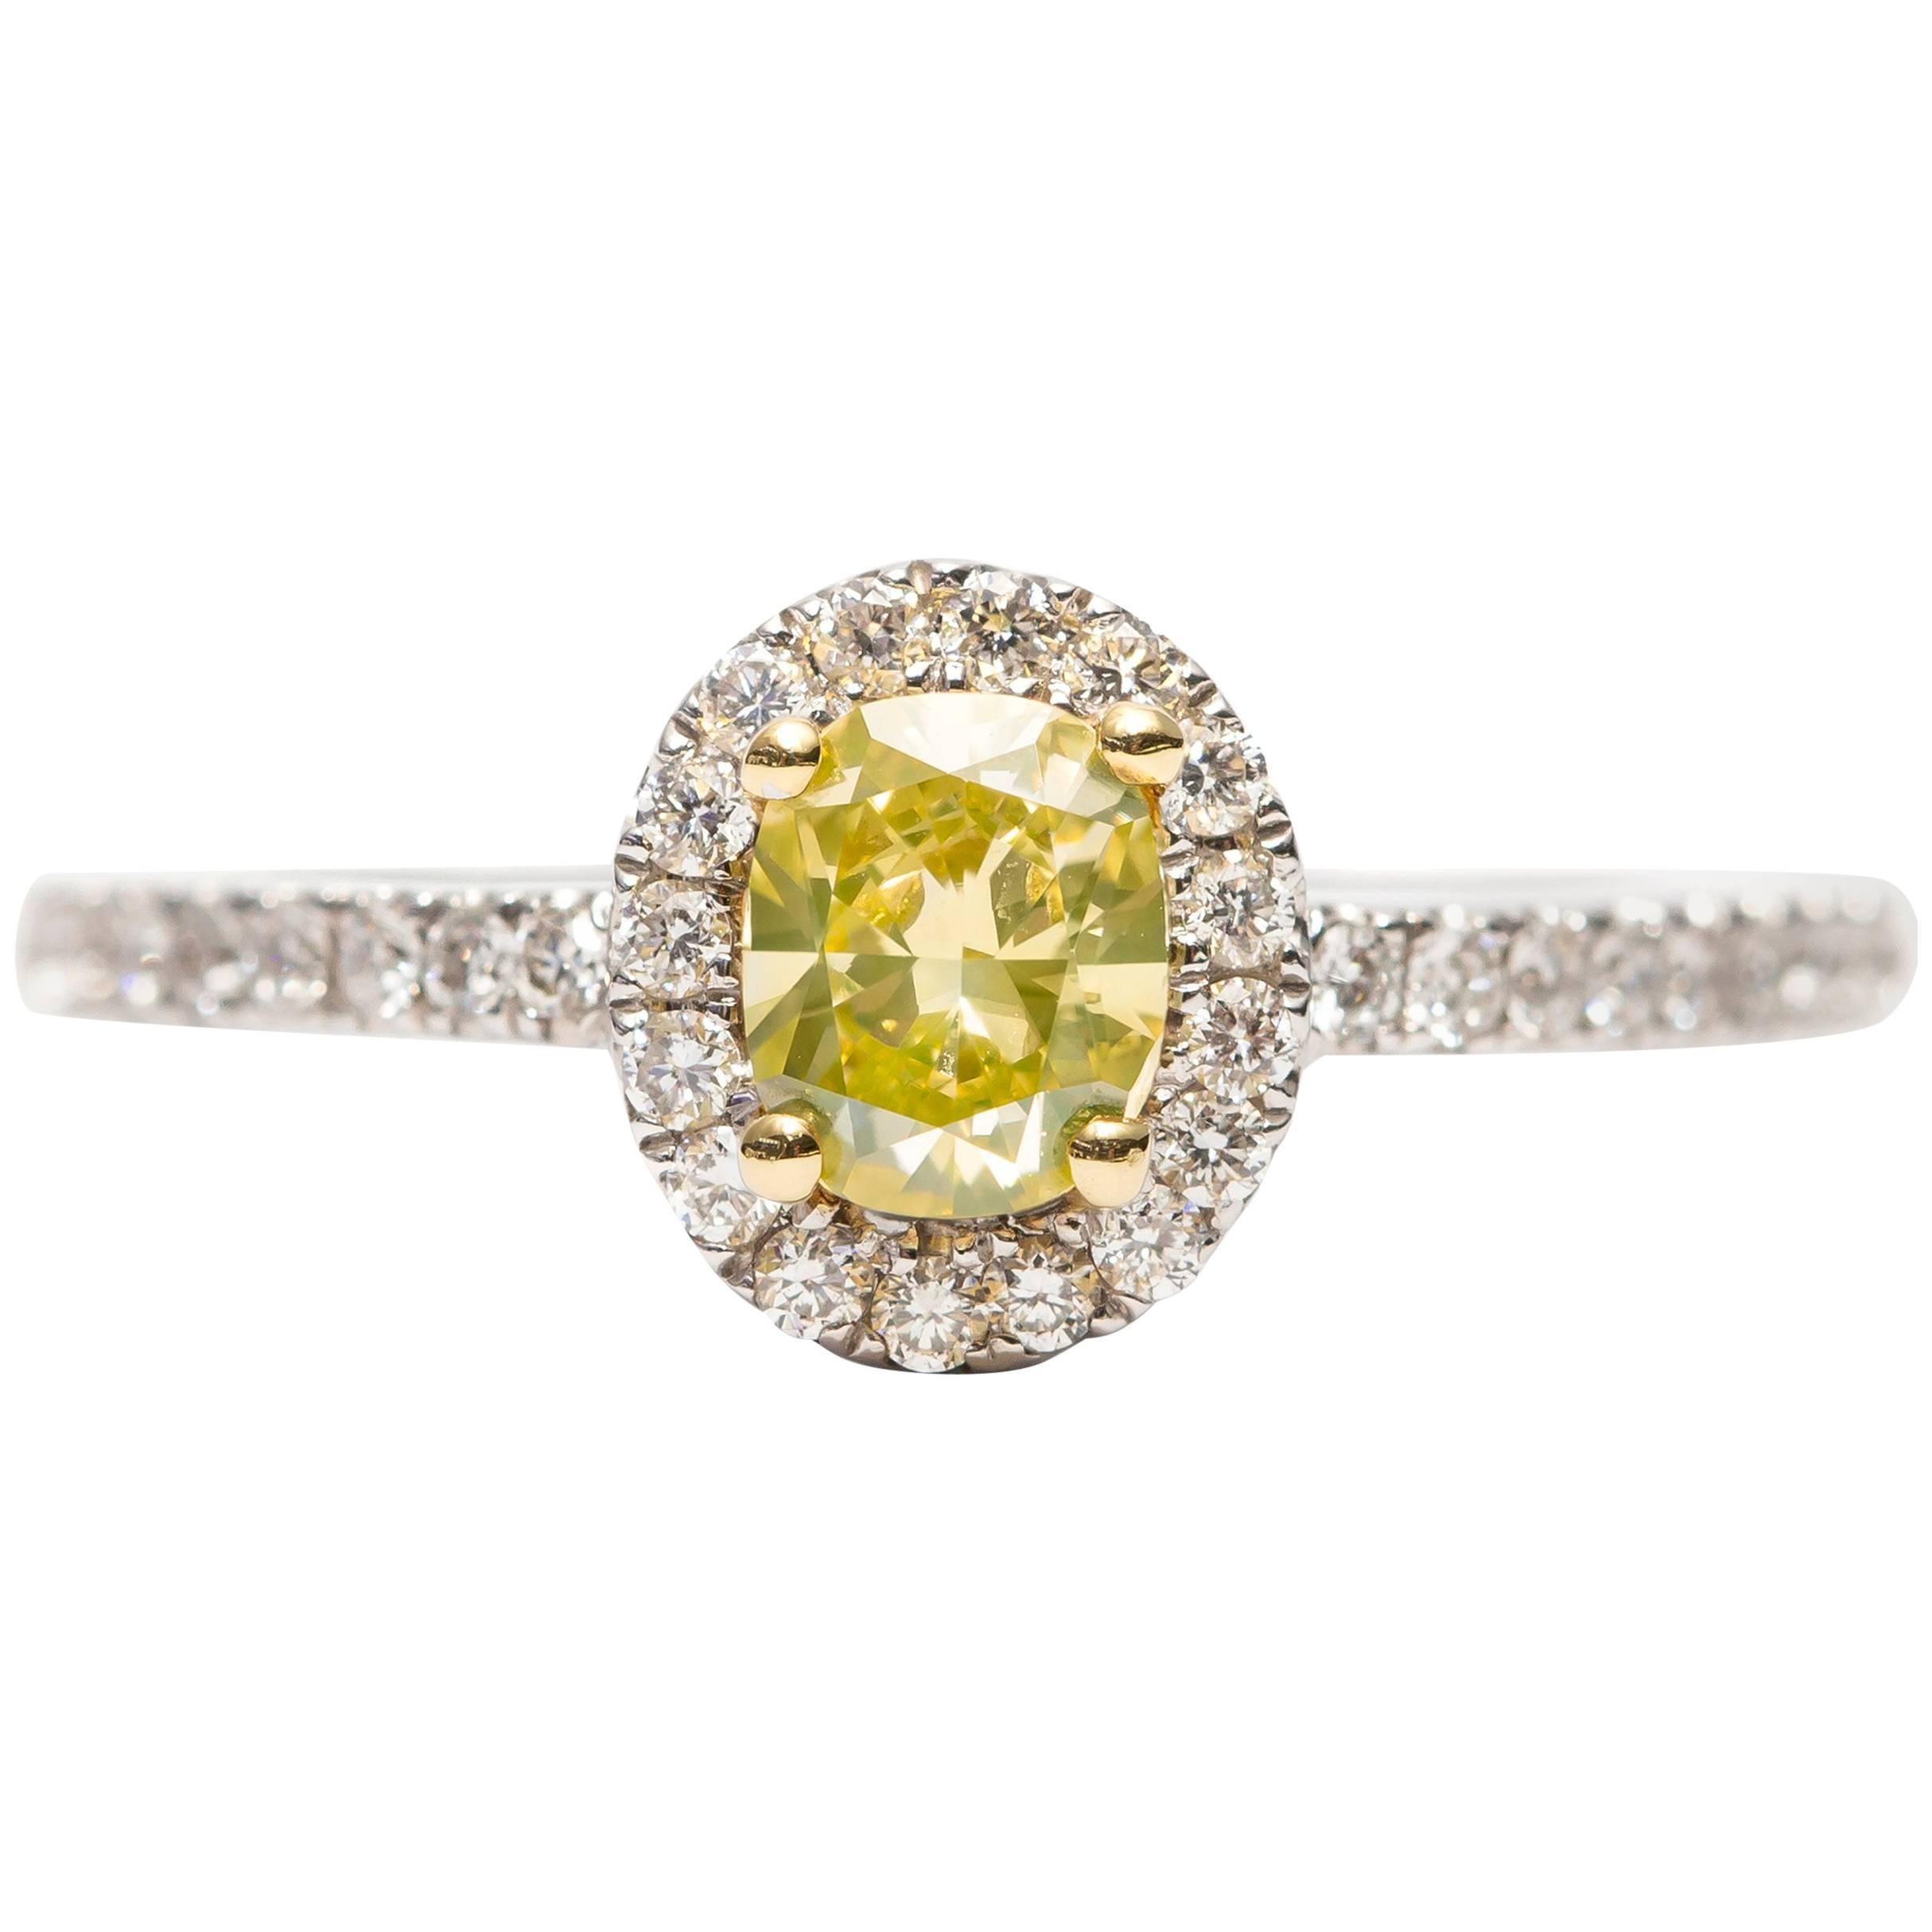 GIA 0.87 Carat Yellow Cushion Diamond 18 Karat White Gold Halo Engagement Ring